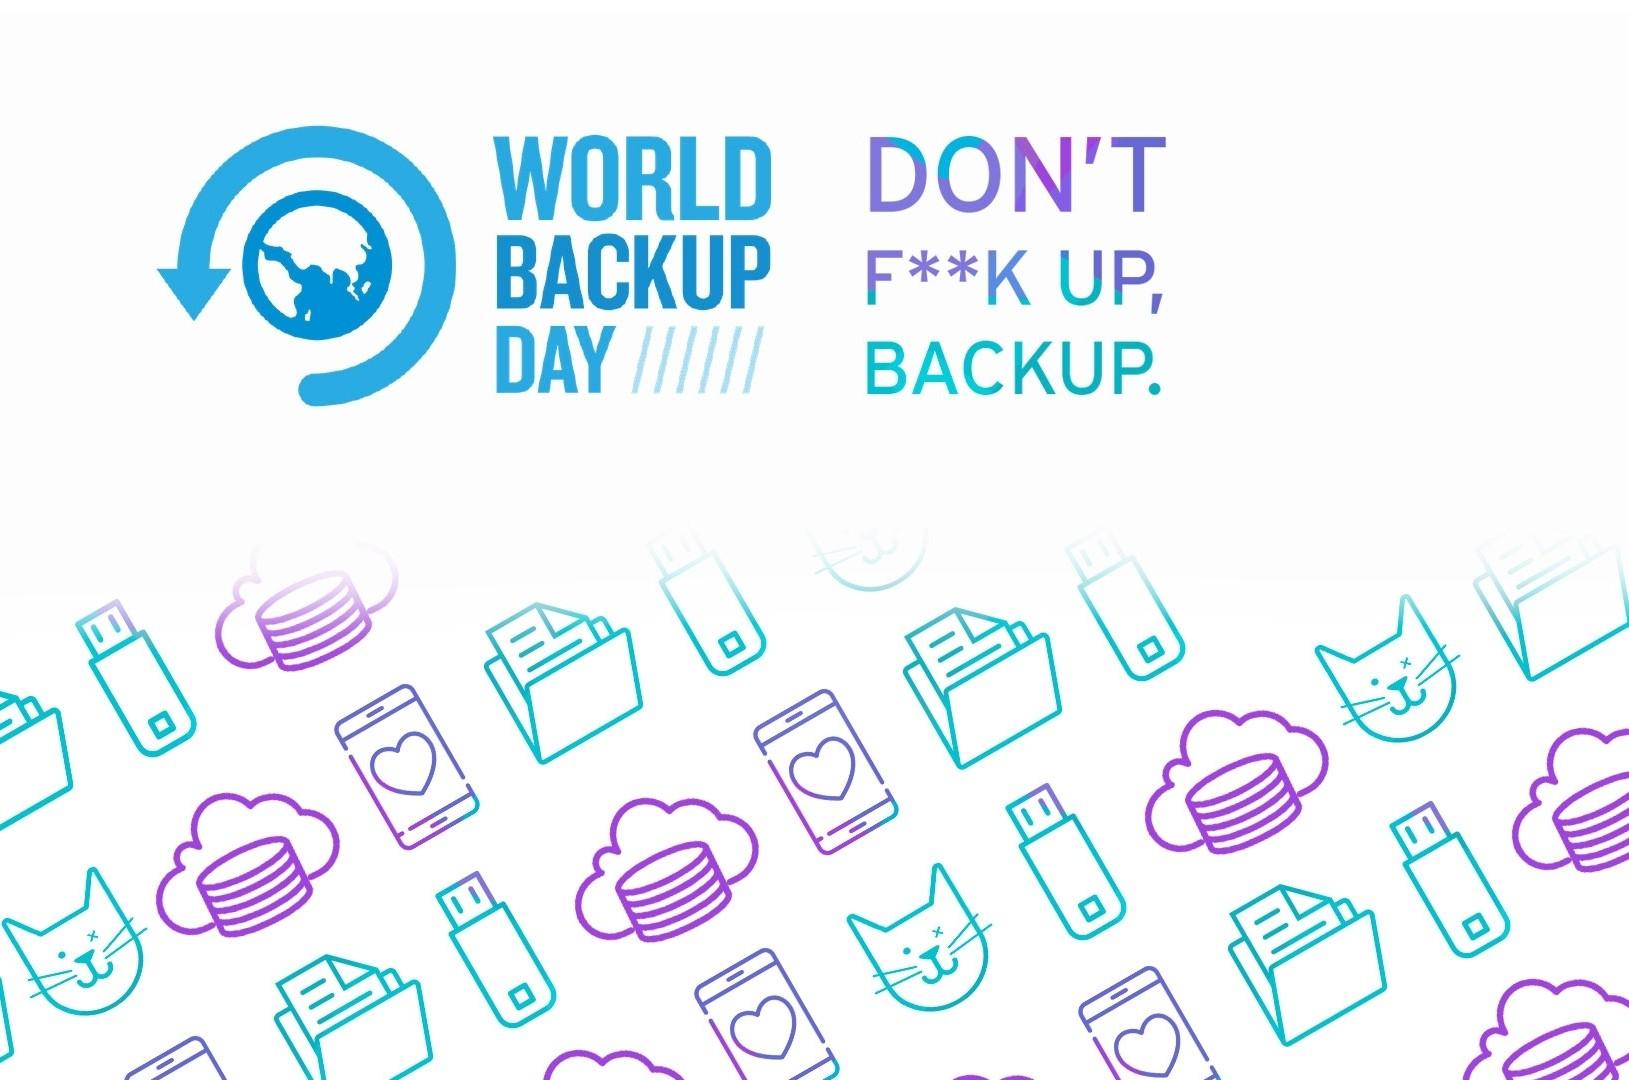 world-backup-00001